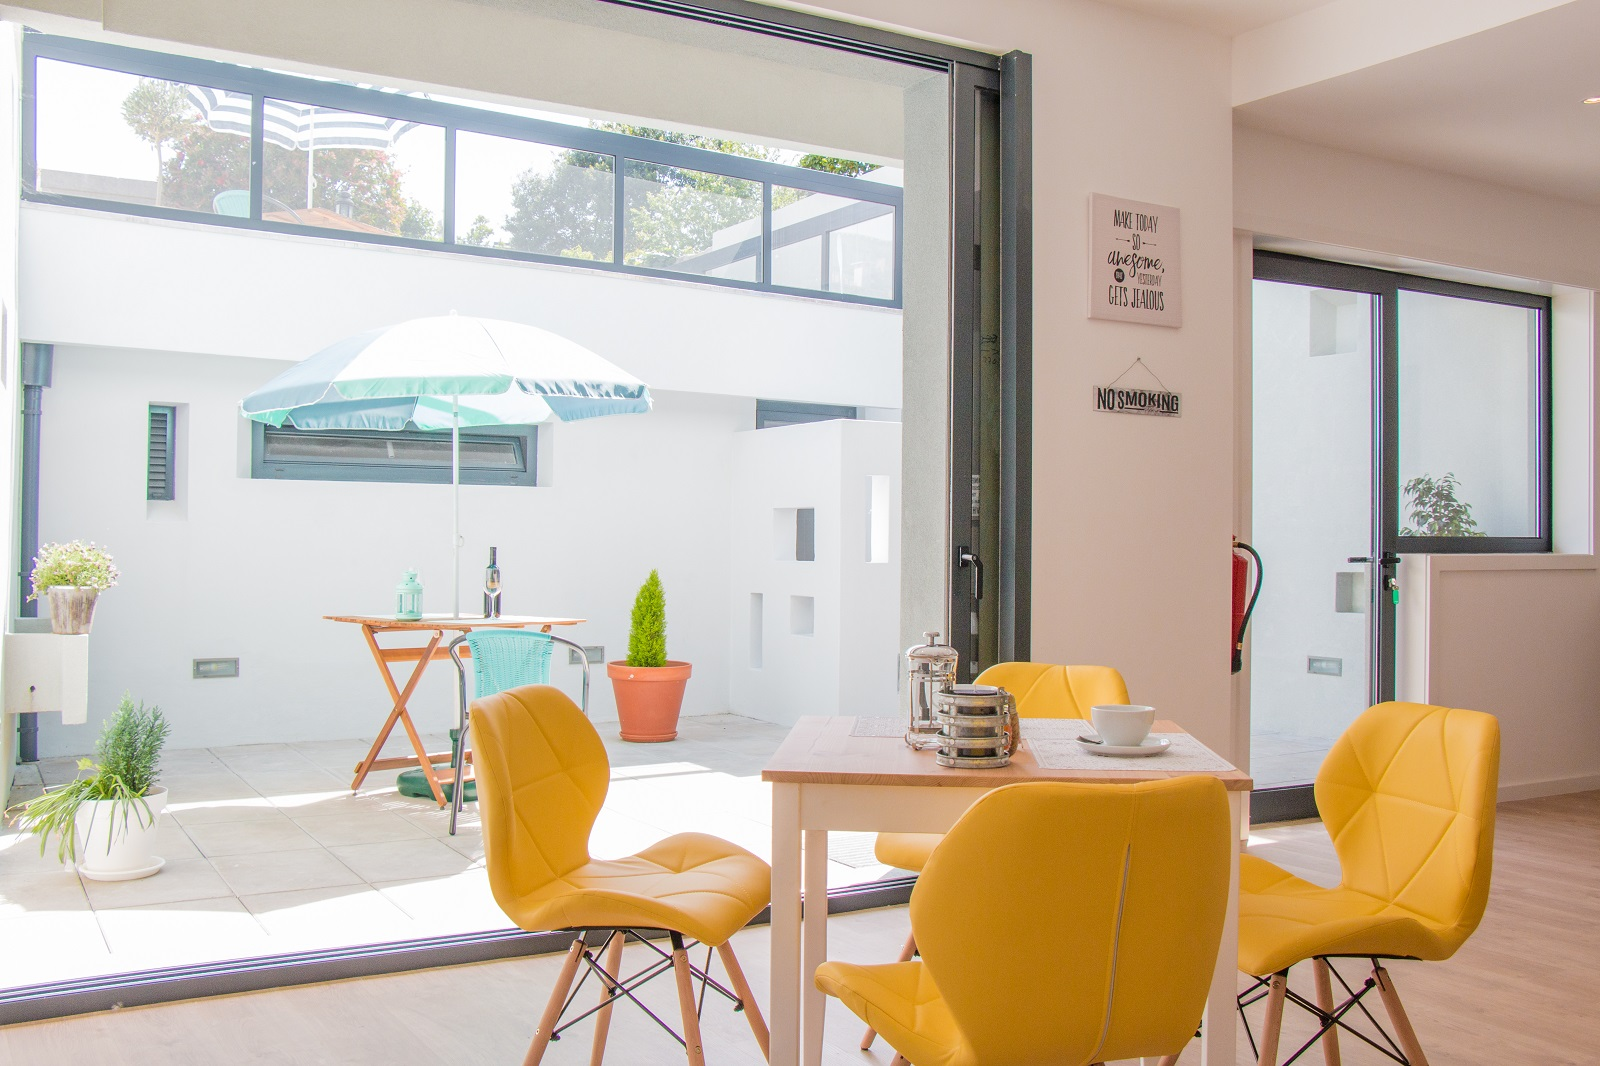 Transformação de Edifício de Habitação em Guest House